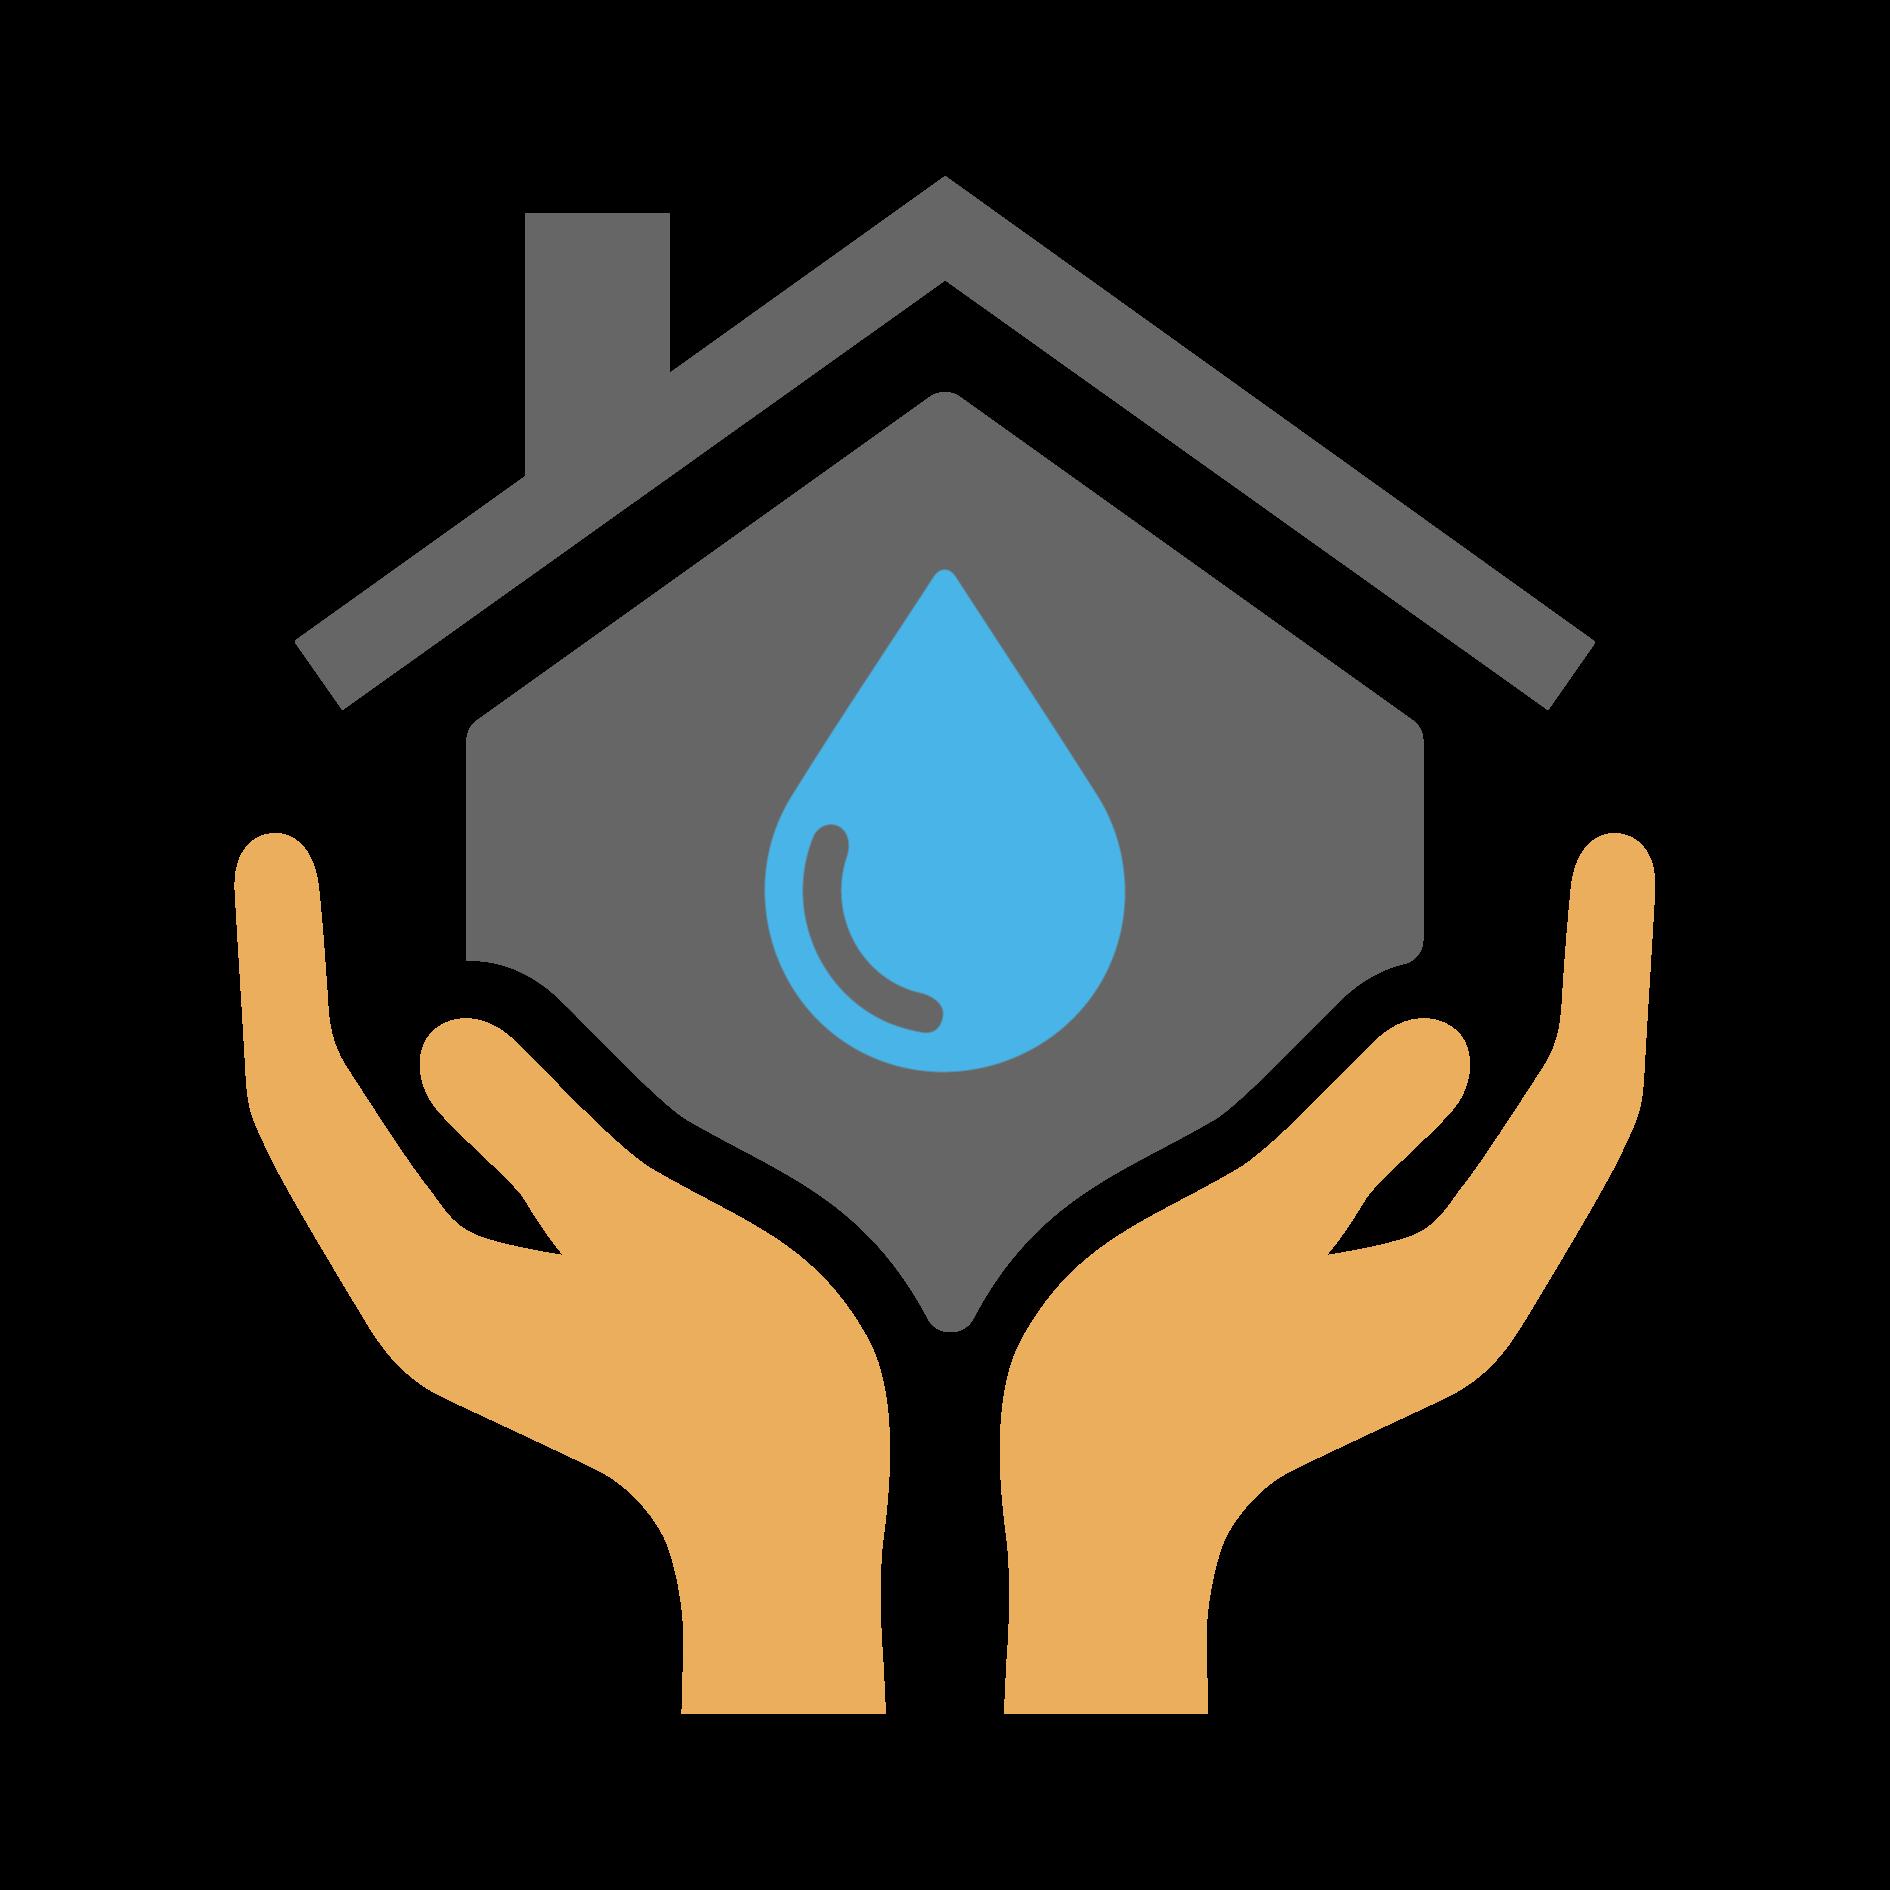 颱風豪雨飲水安全三步驟示意圖